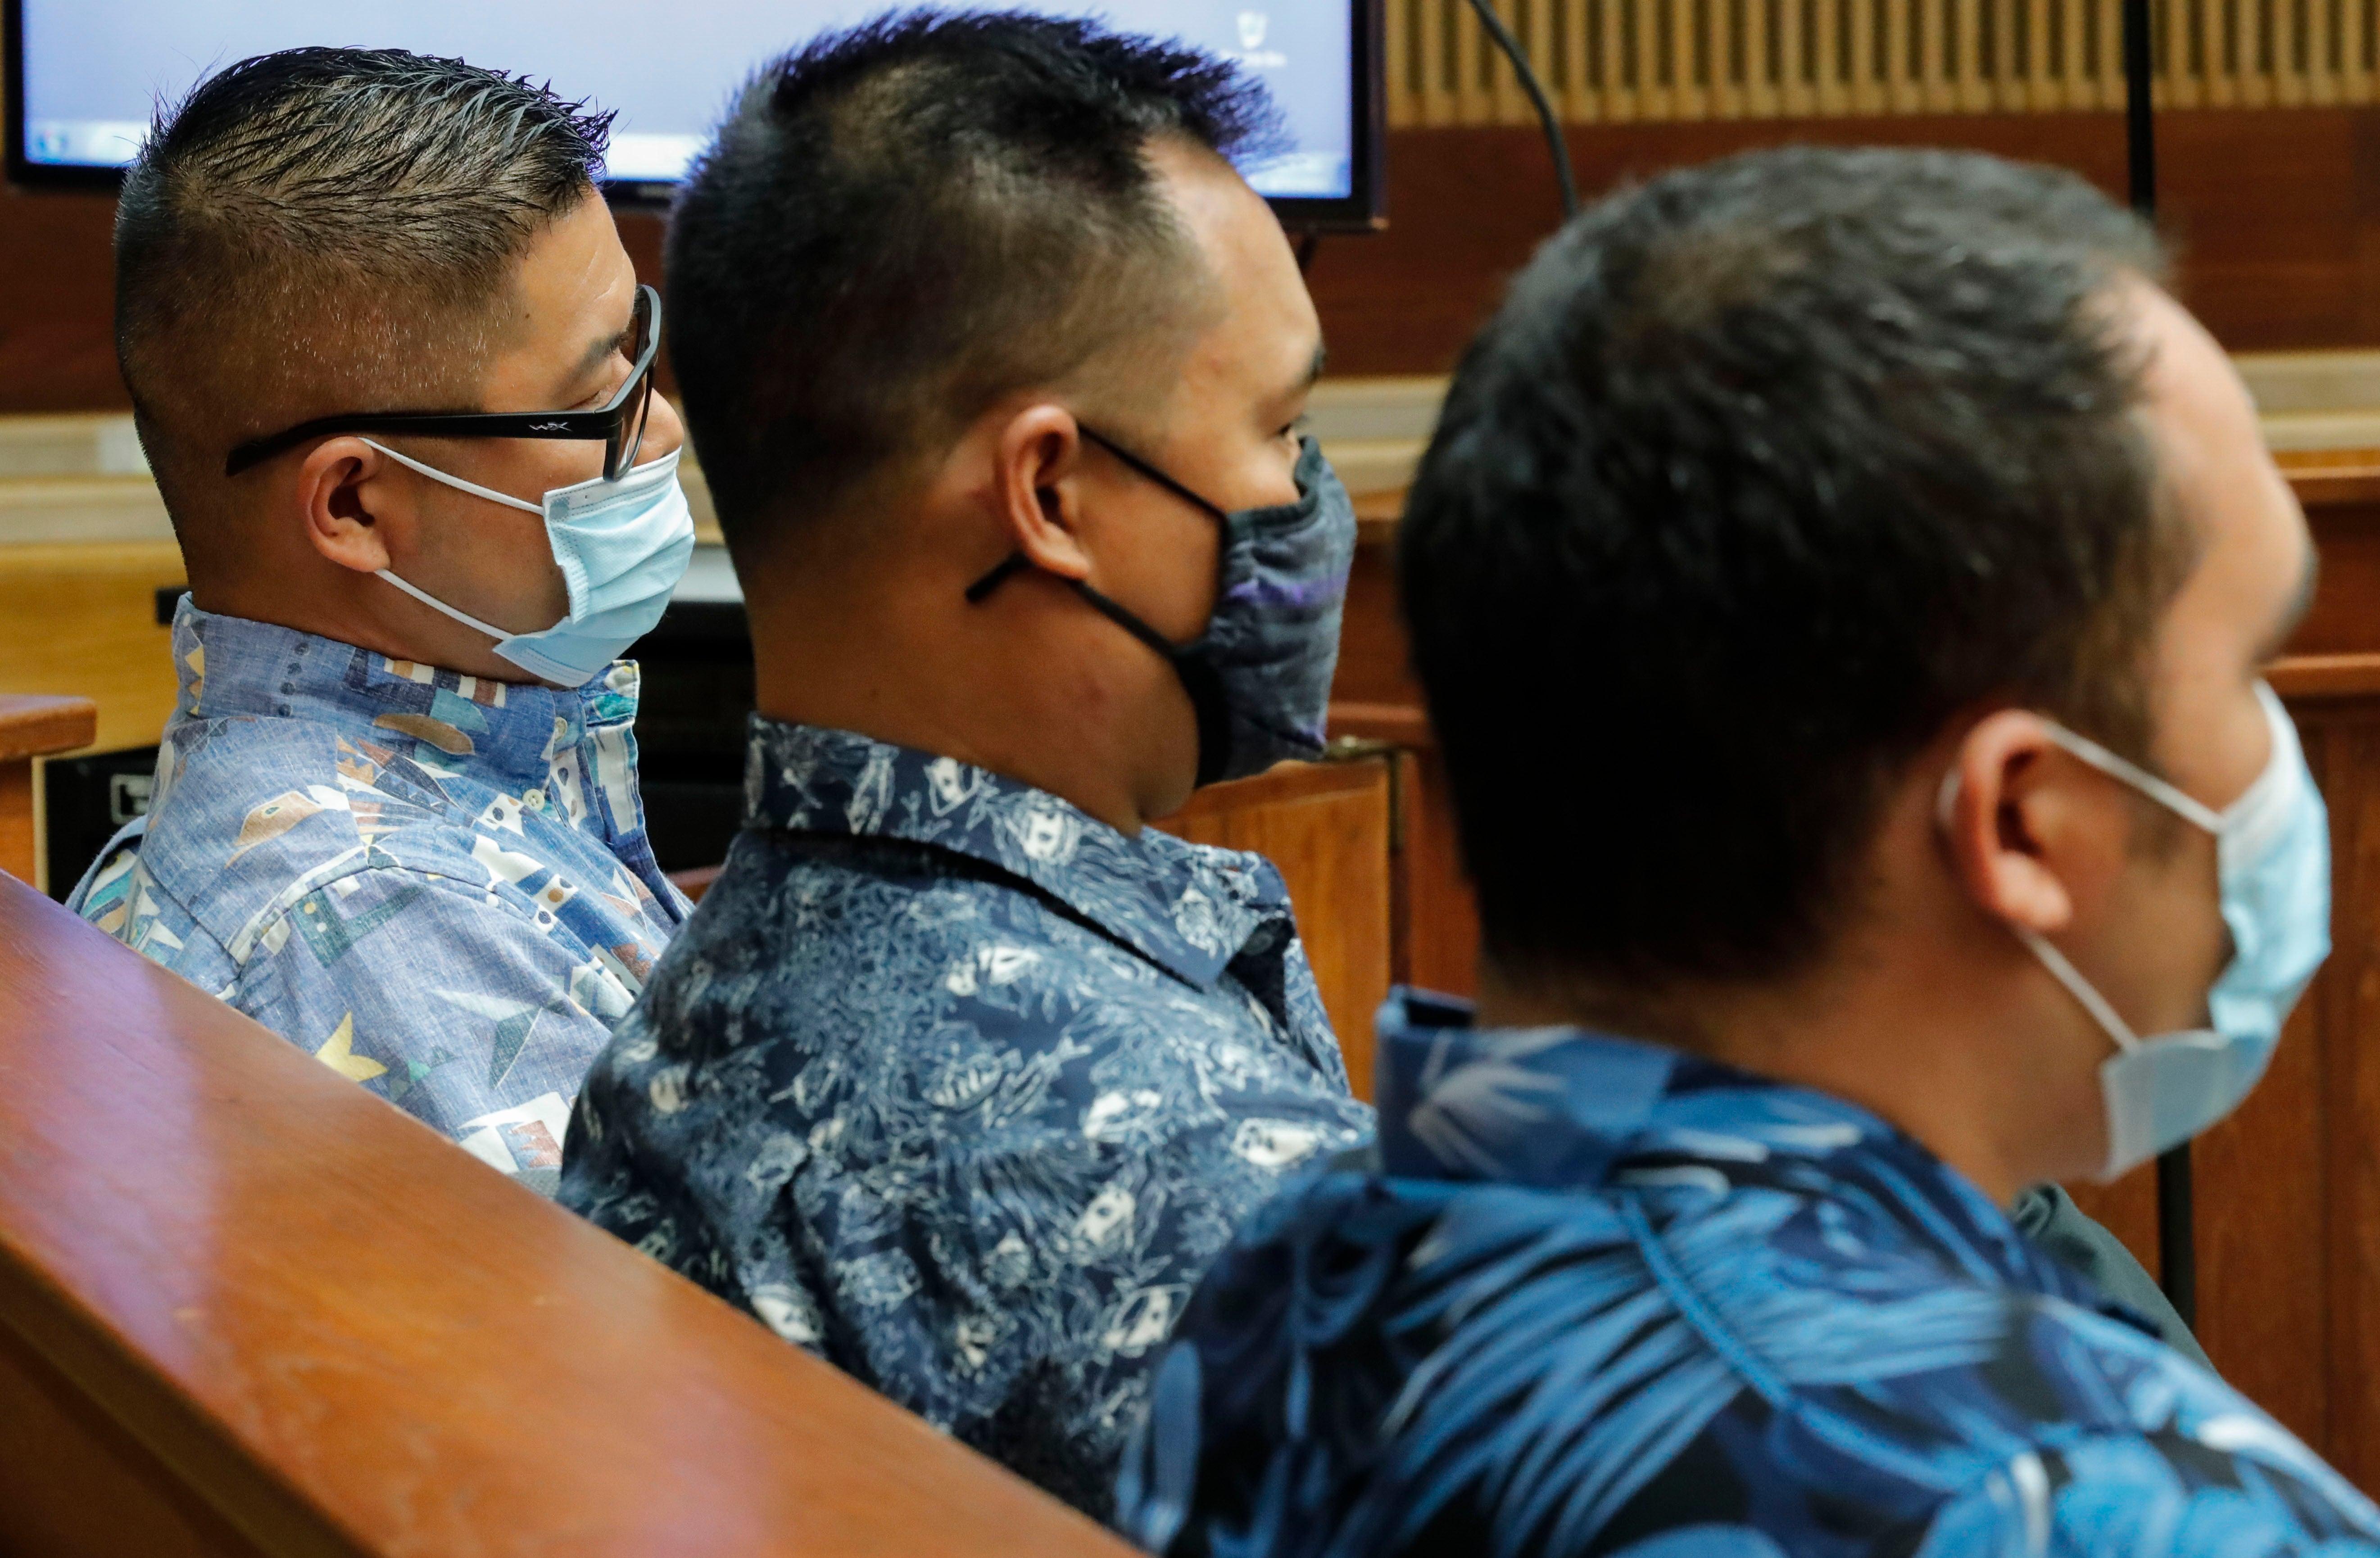 Police Shooting-Hawaii Teen Killed